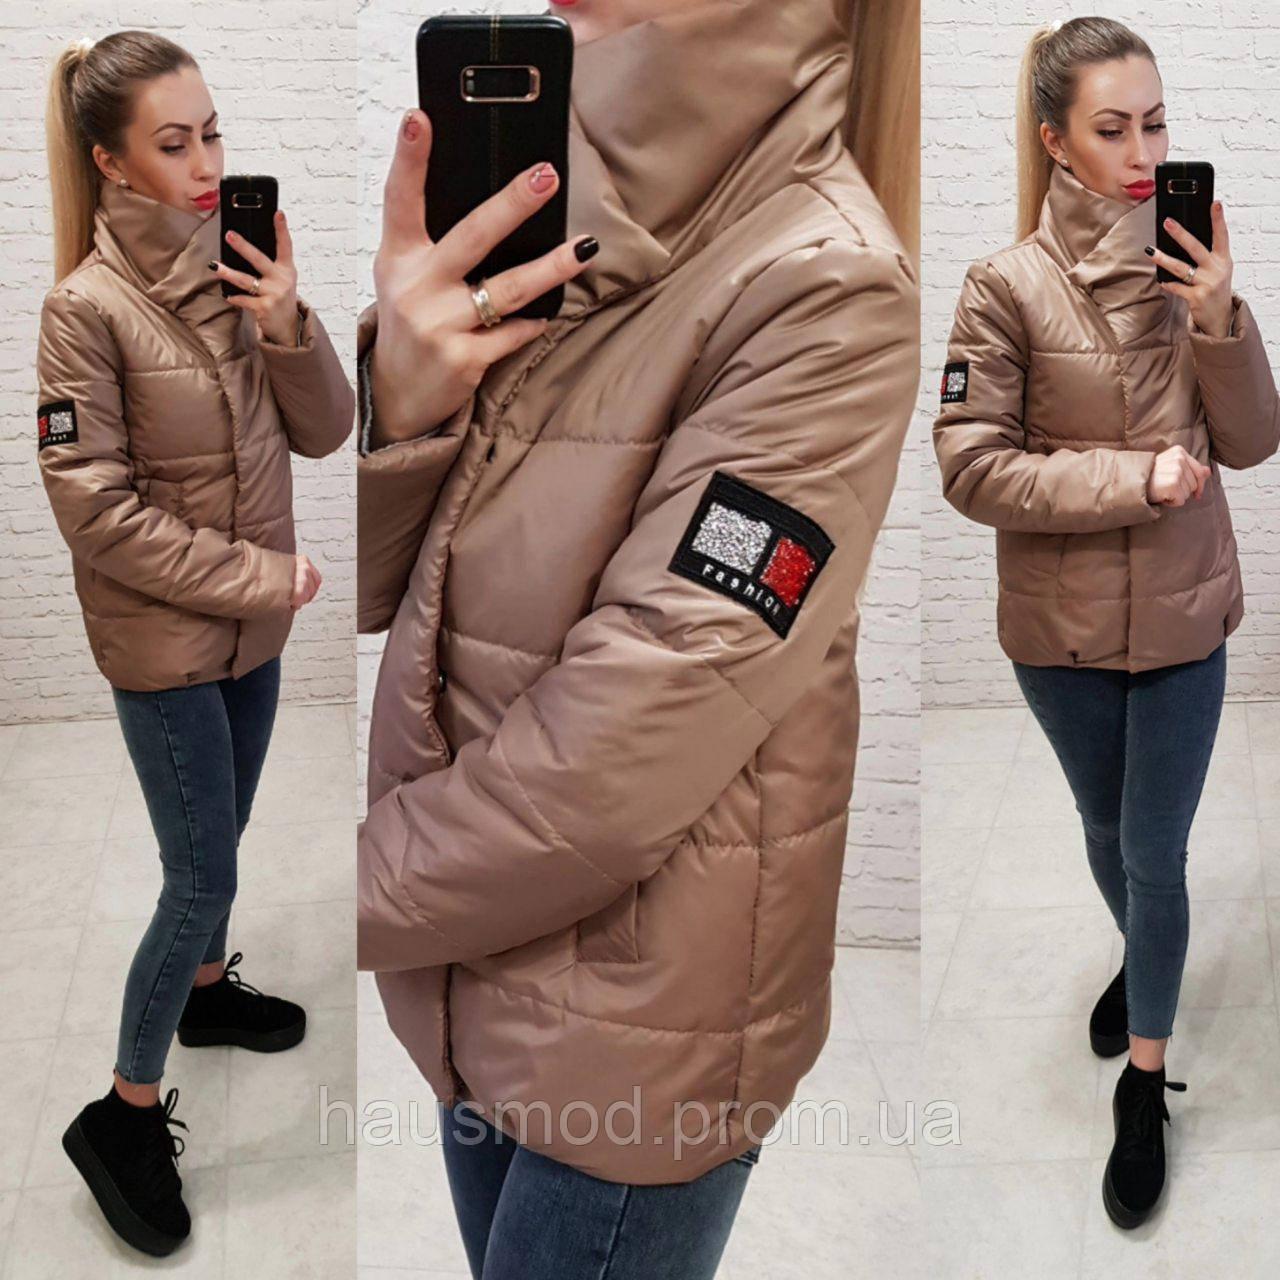 bb535c3e1ed Женская куртка на силиконе весна осень фабричный китай коричневая ...